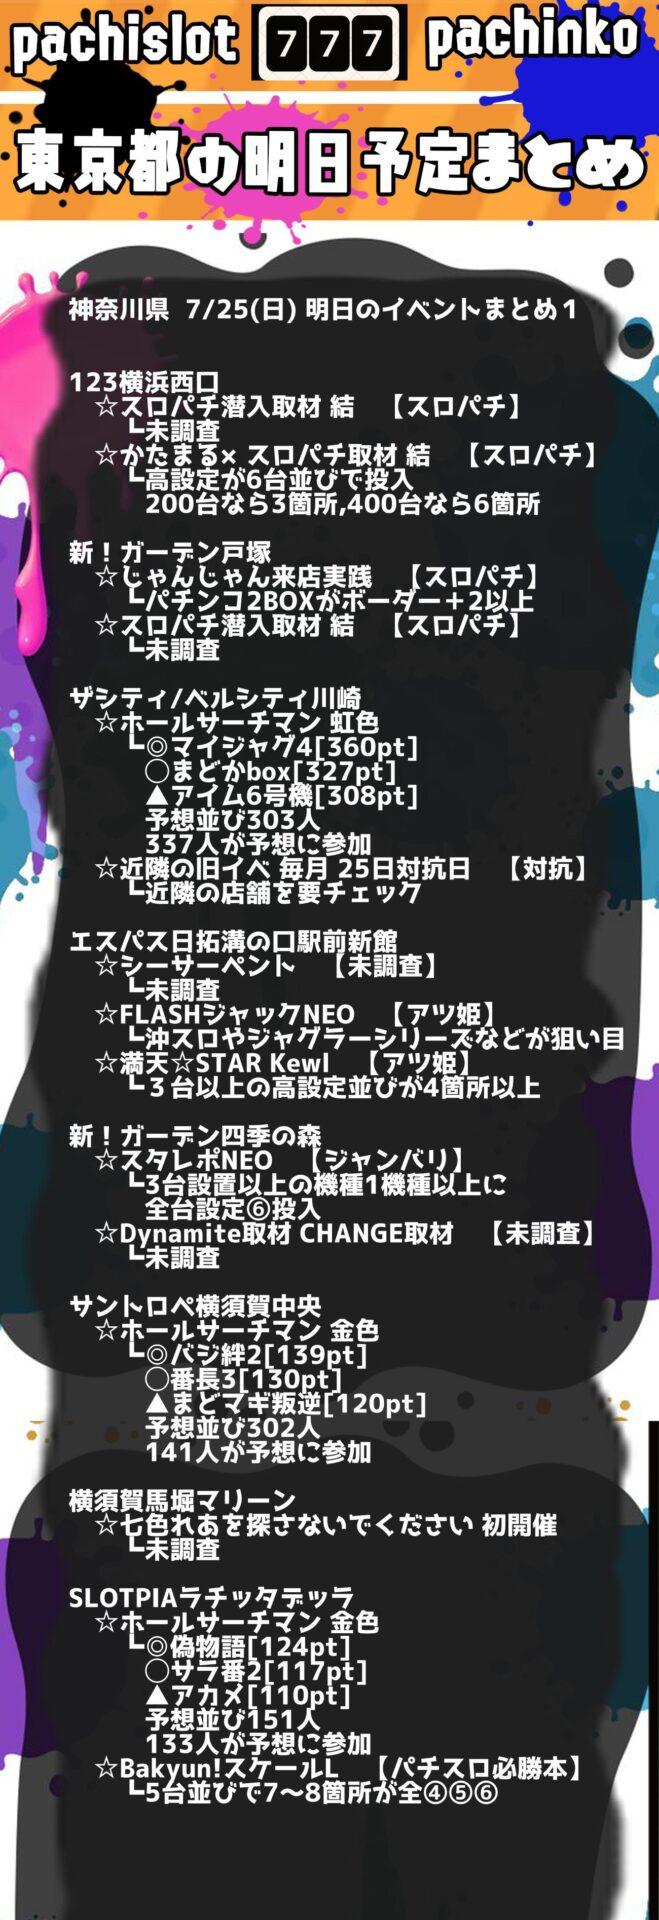 神奈川県_2021-07-25_パチンコ・パチスロ_イベント